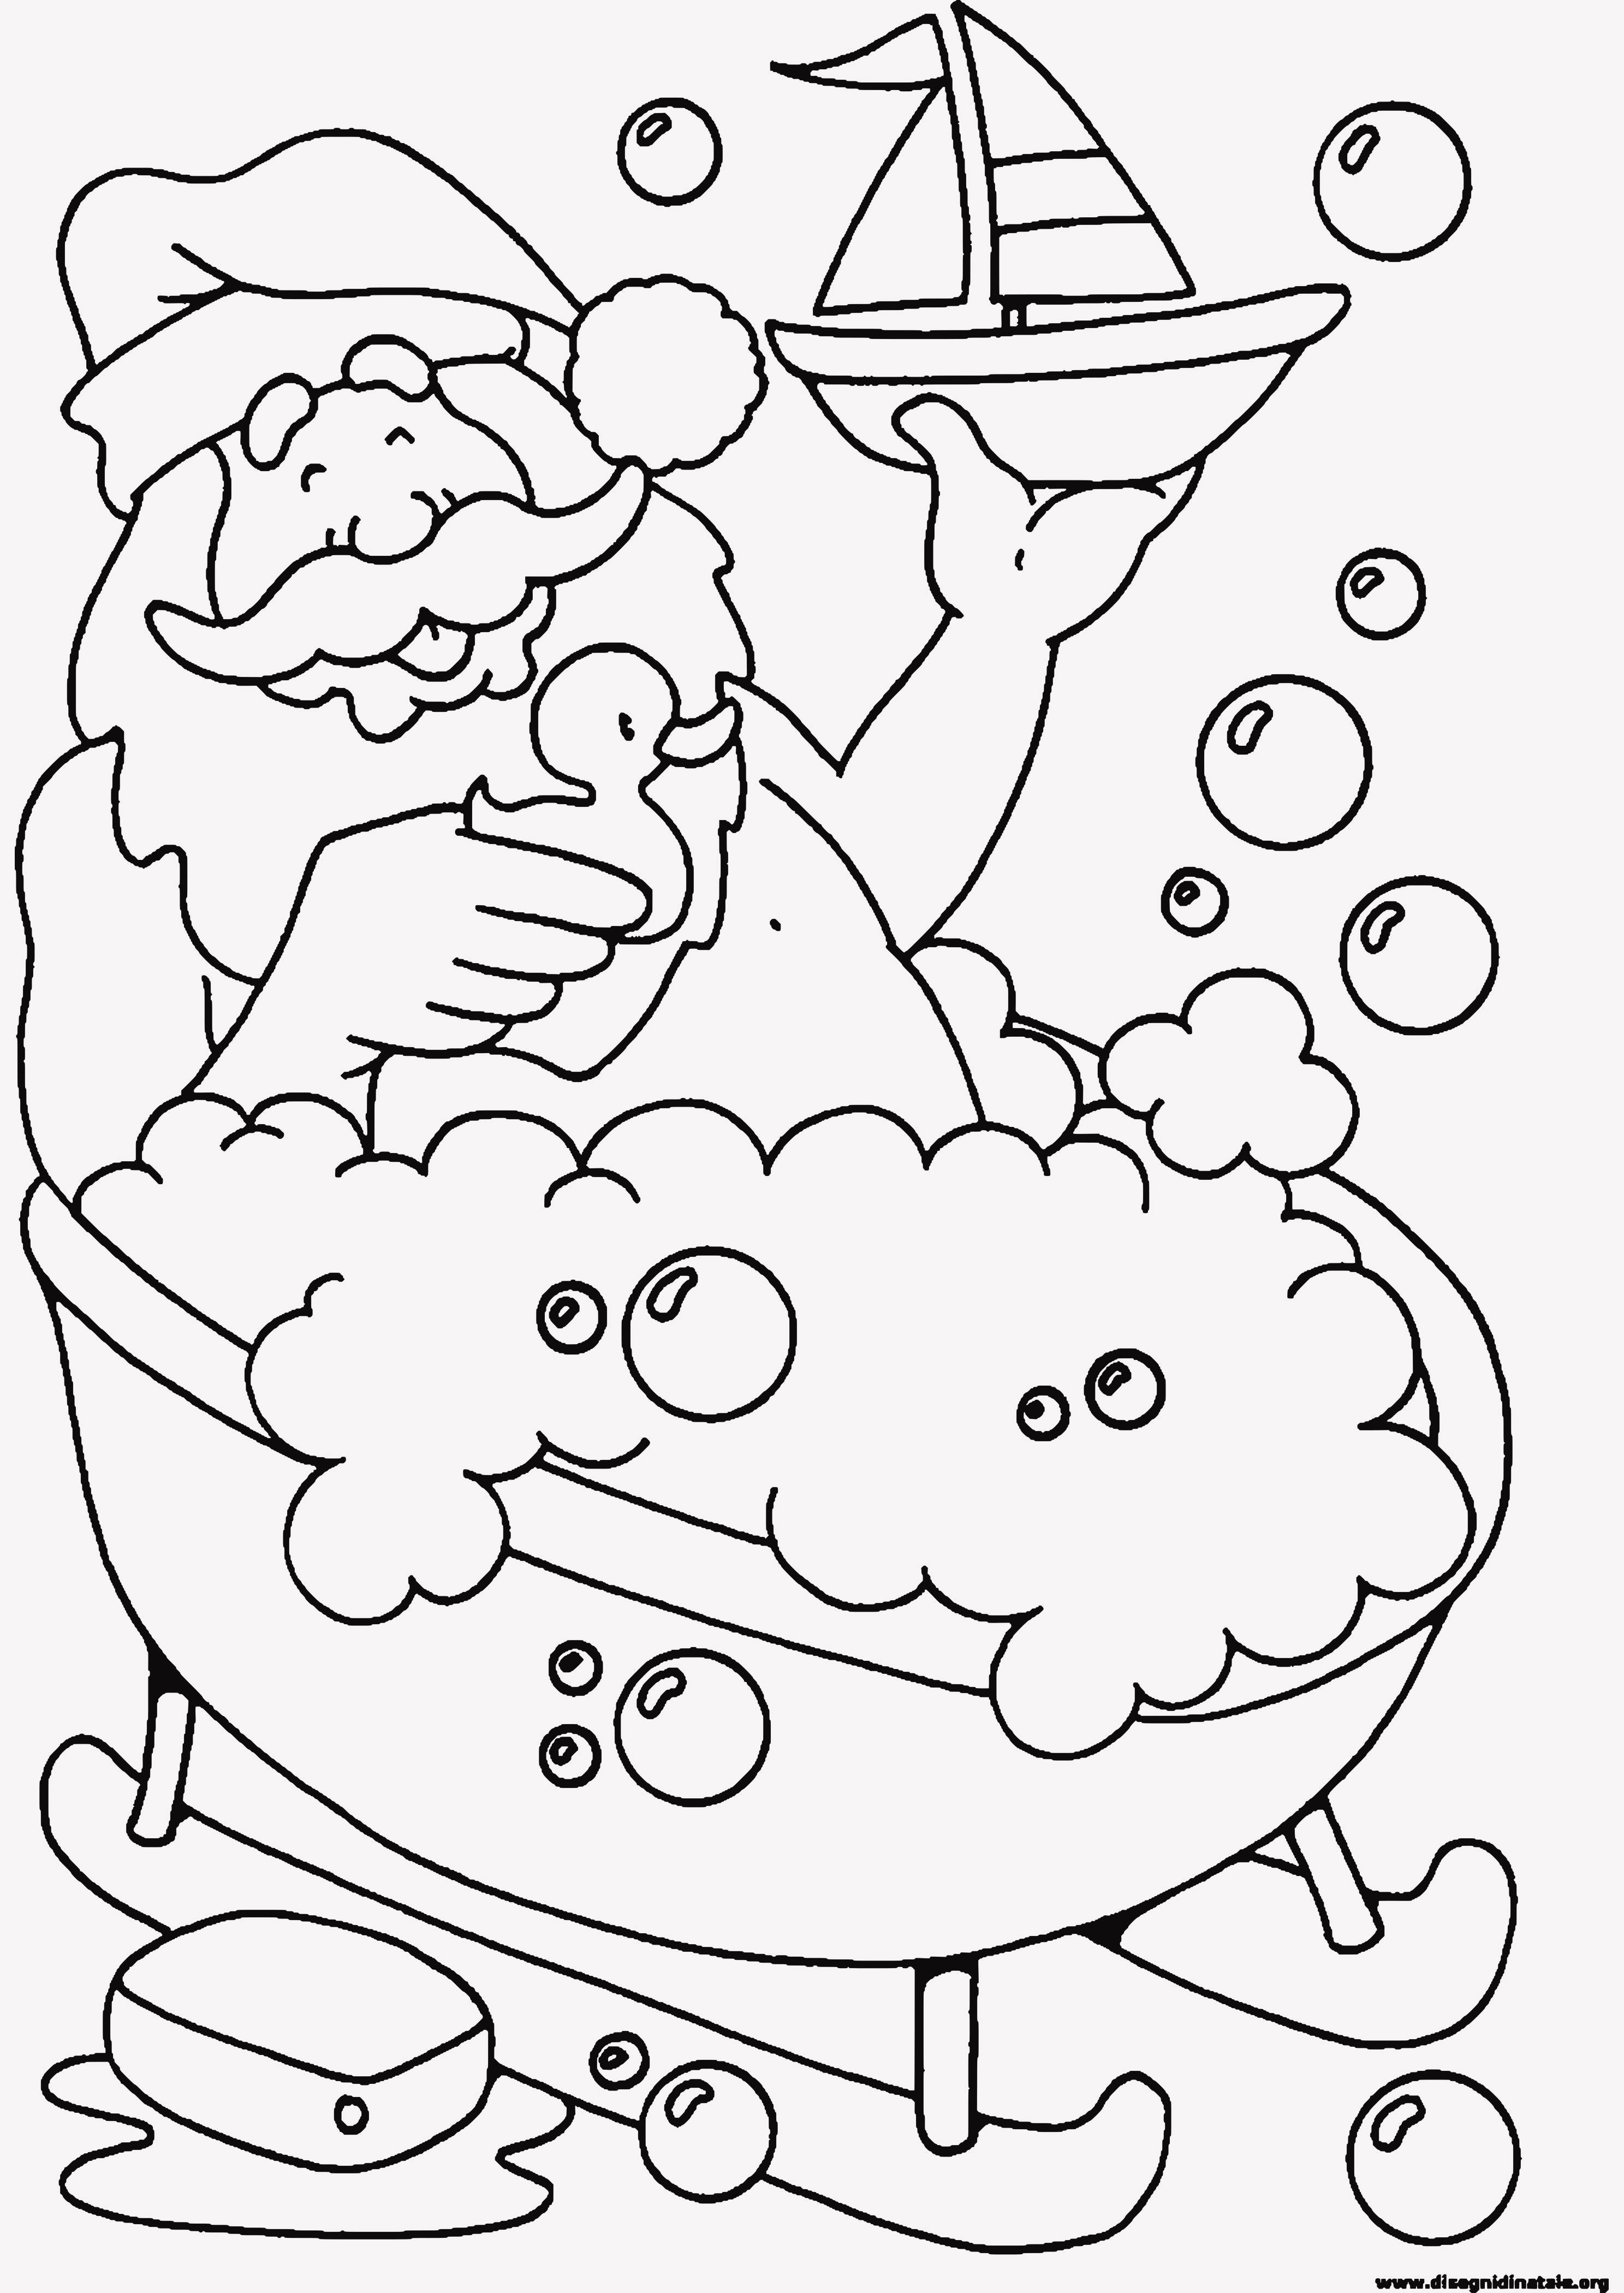 Malvorlagen Hello Kitty Einzigartig 25 Druckbar Malvorlagen Weihnachten Hello Kitty Bilder